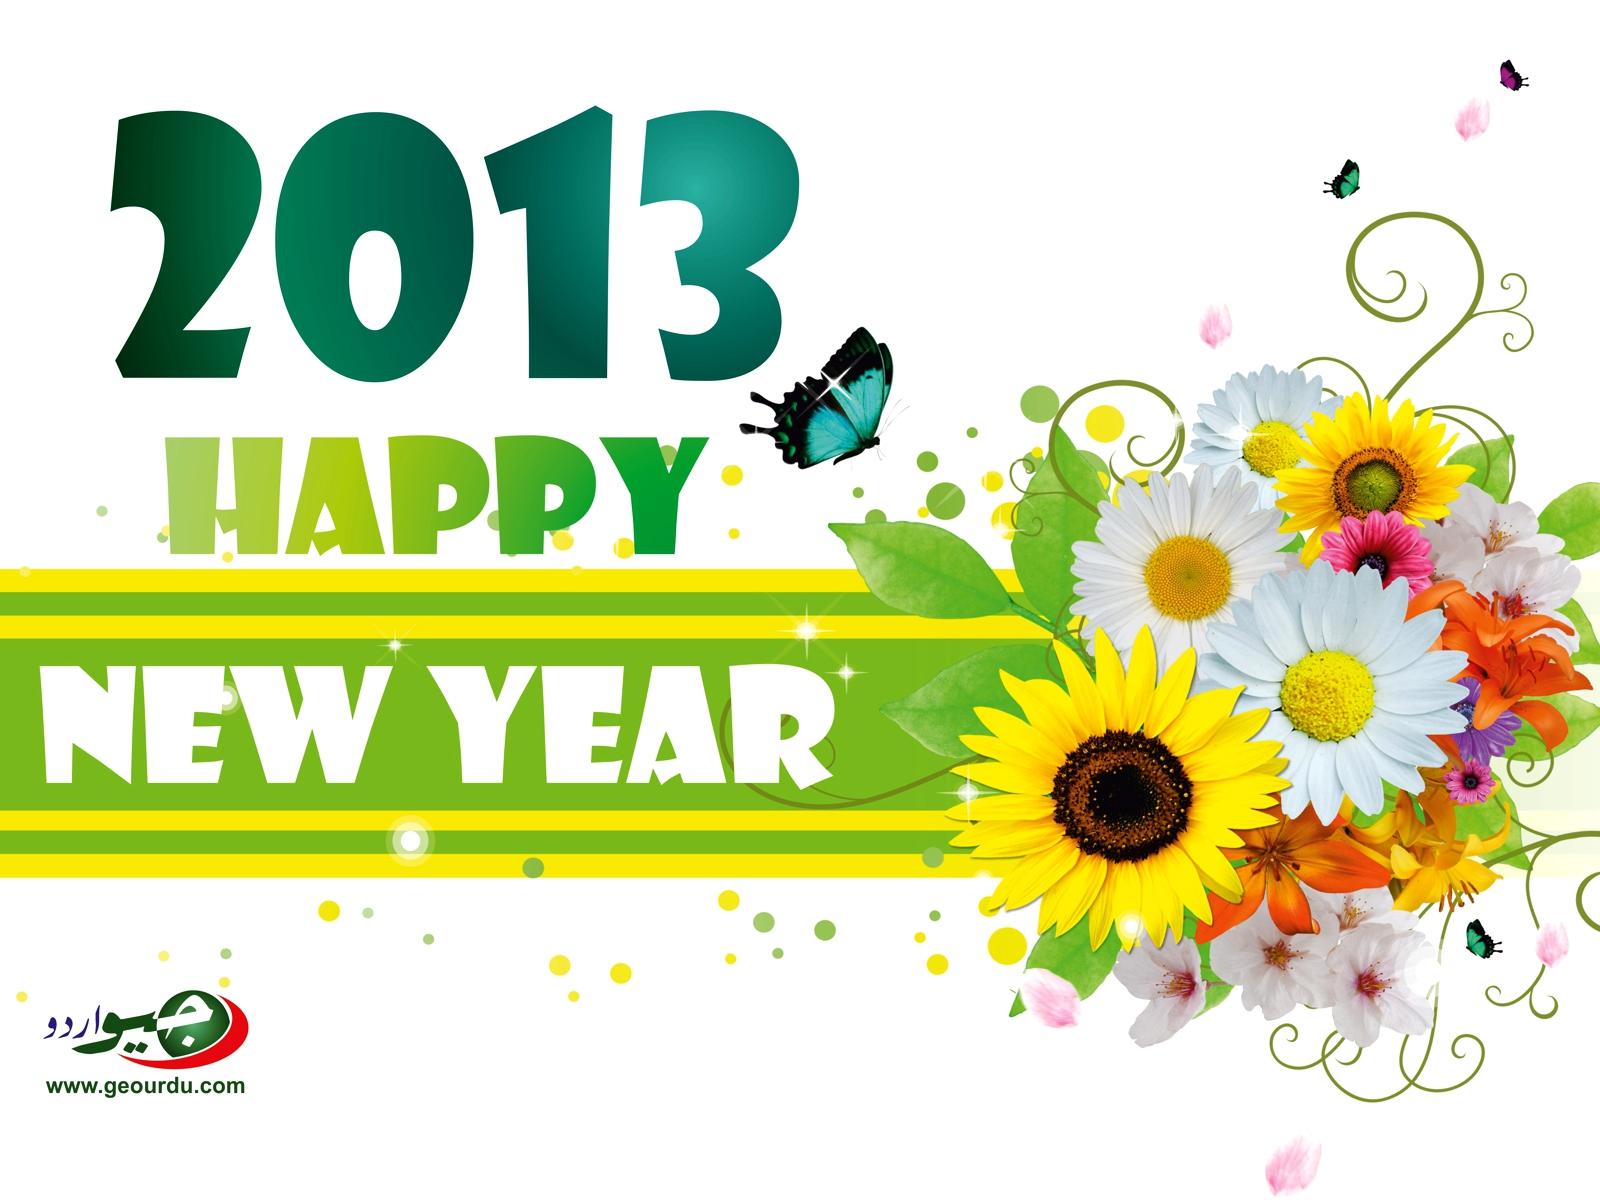 http://2.bp.blogspot.com/-SByJNrjaQOc/UN3ngr-fq4I/AAAAAAAAAOU/-7WG2fWGyVU/s1600/Happy-New-Year-2013-01.jpg